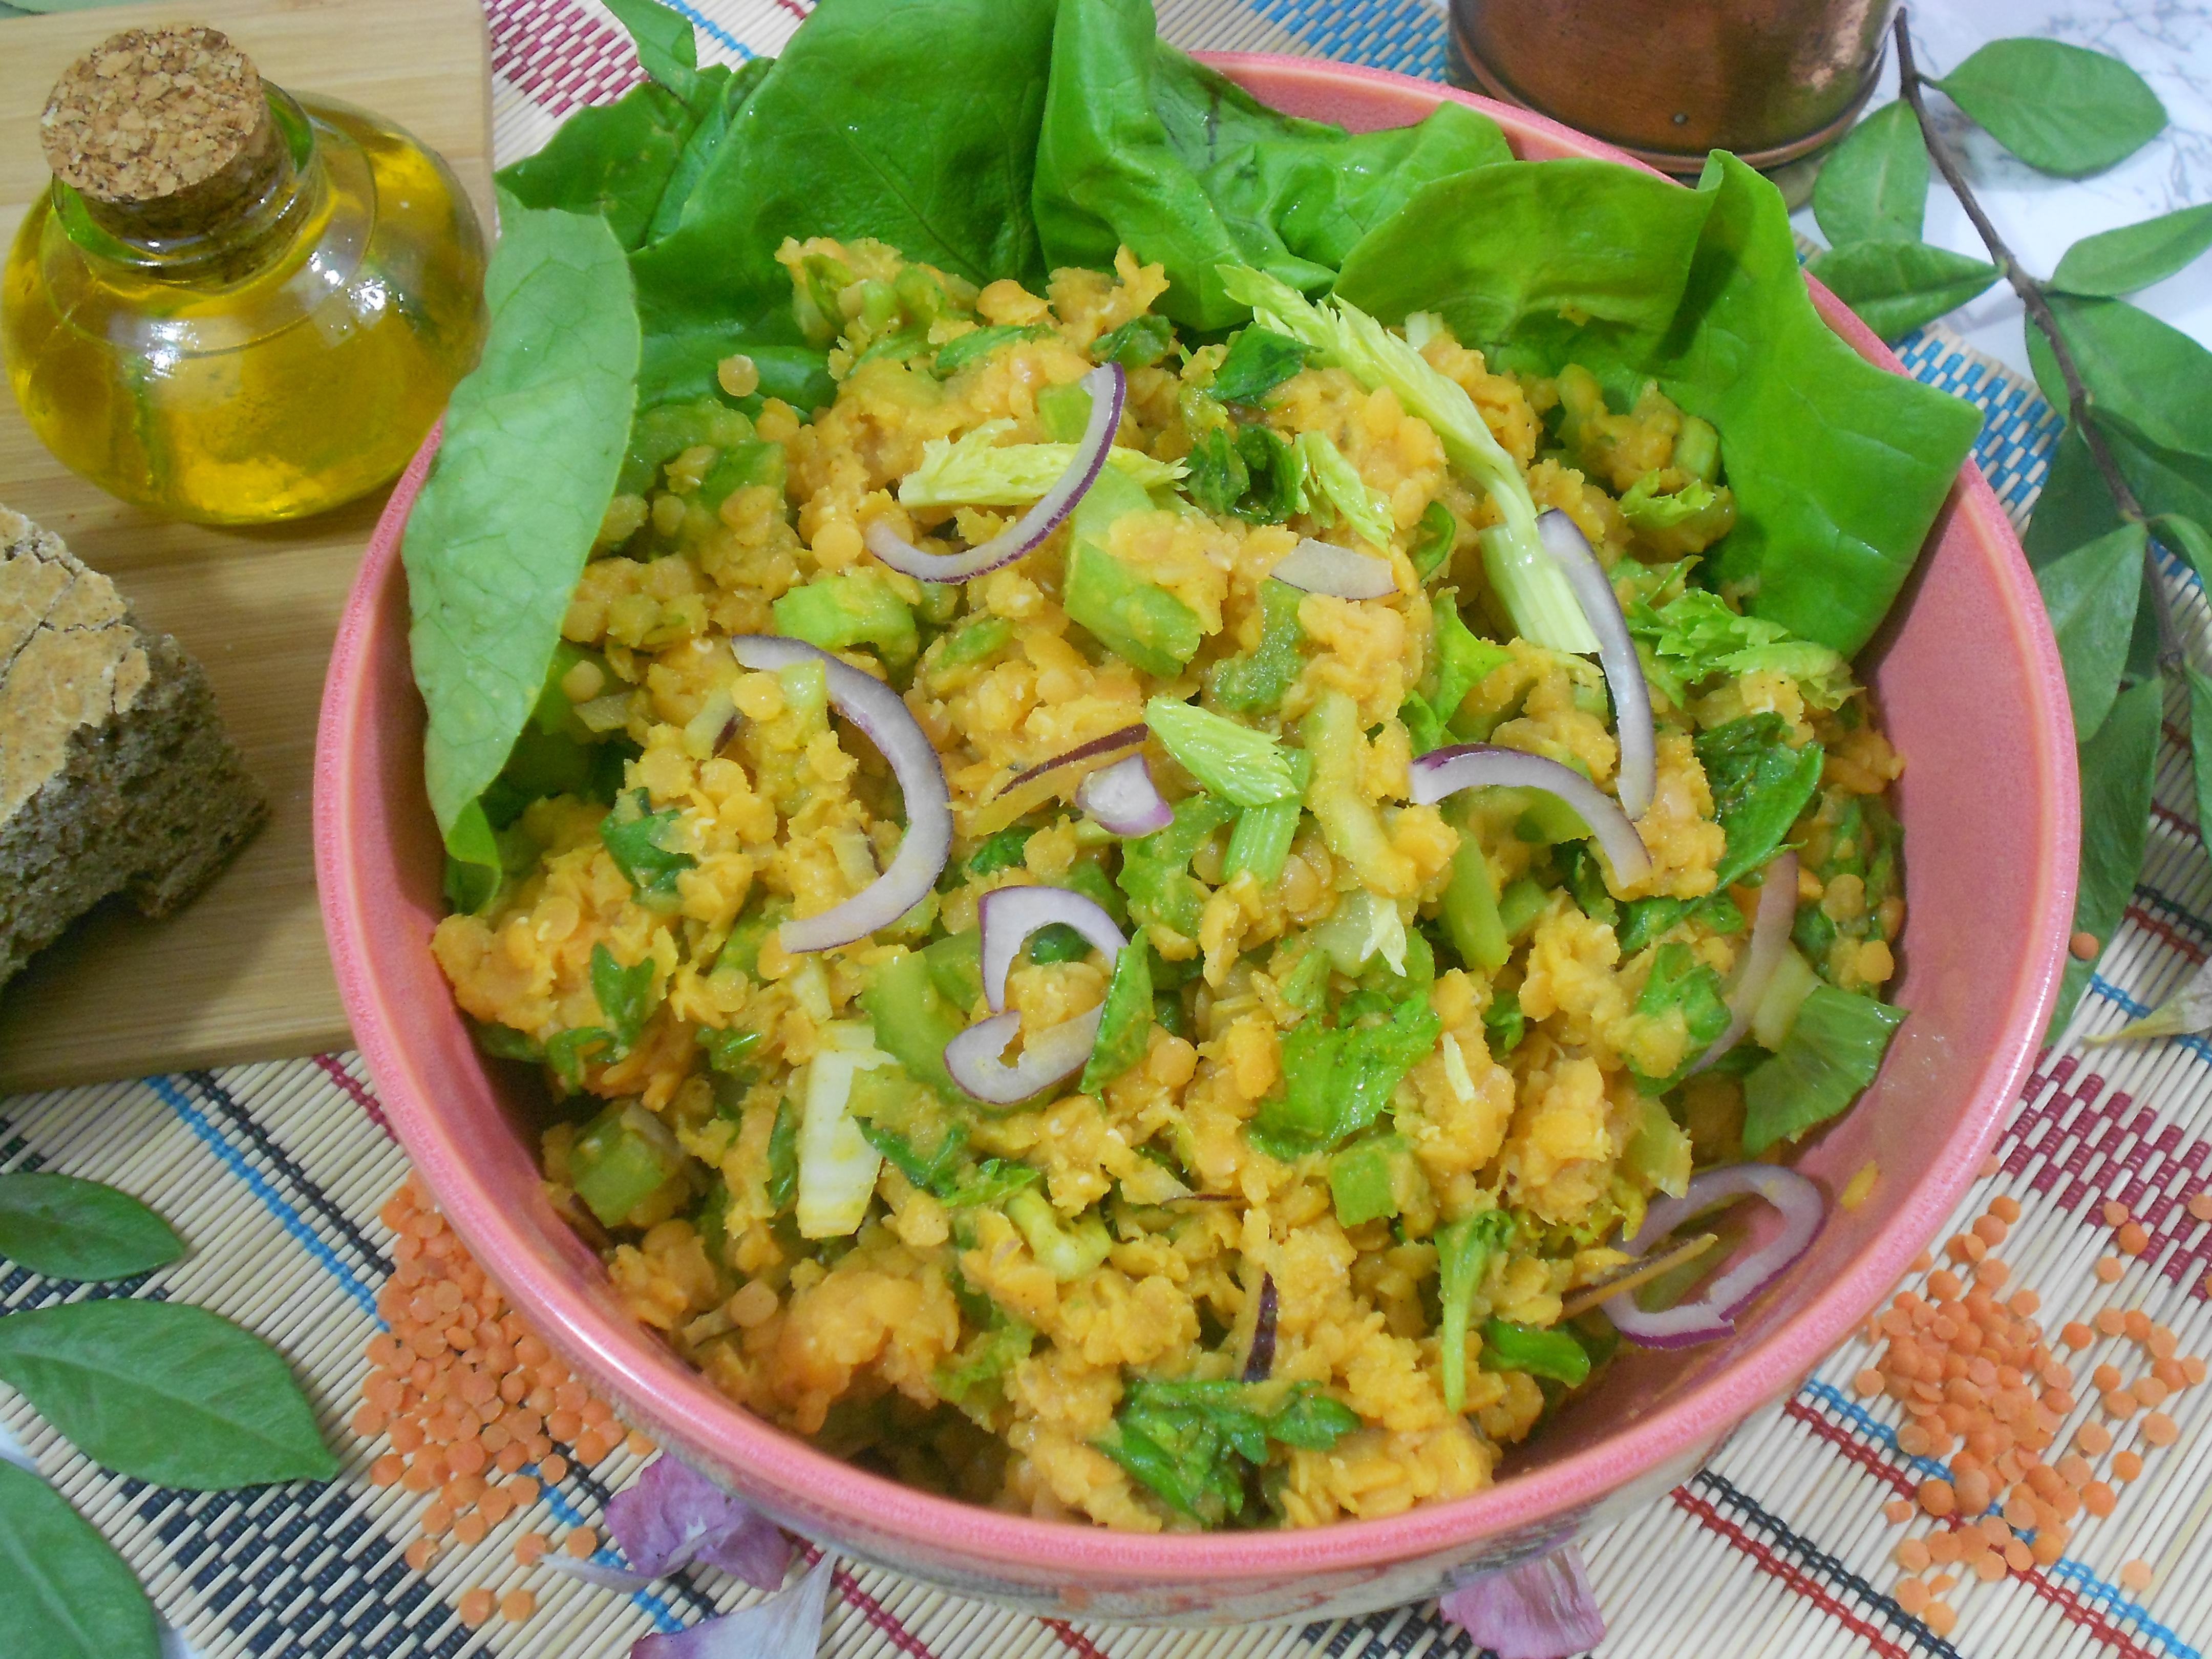 recette saine et gourmande d'une salade repas